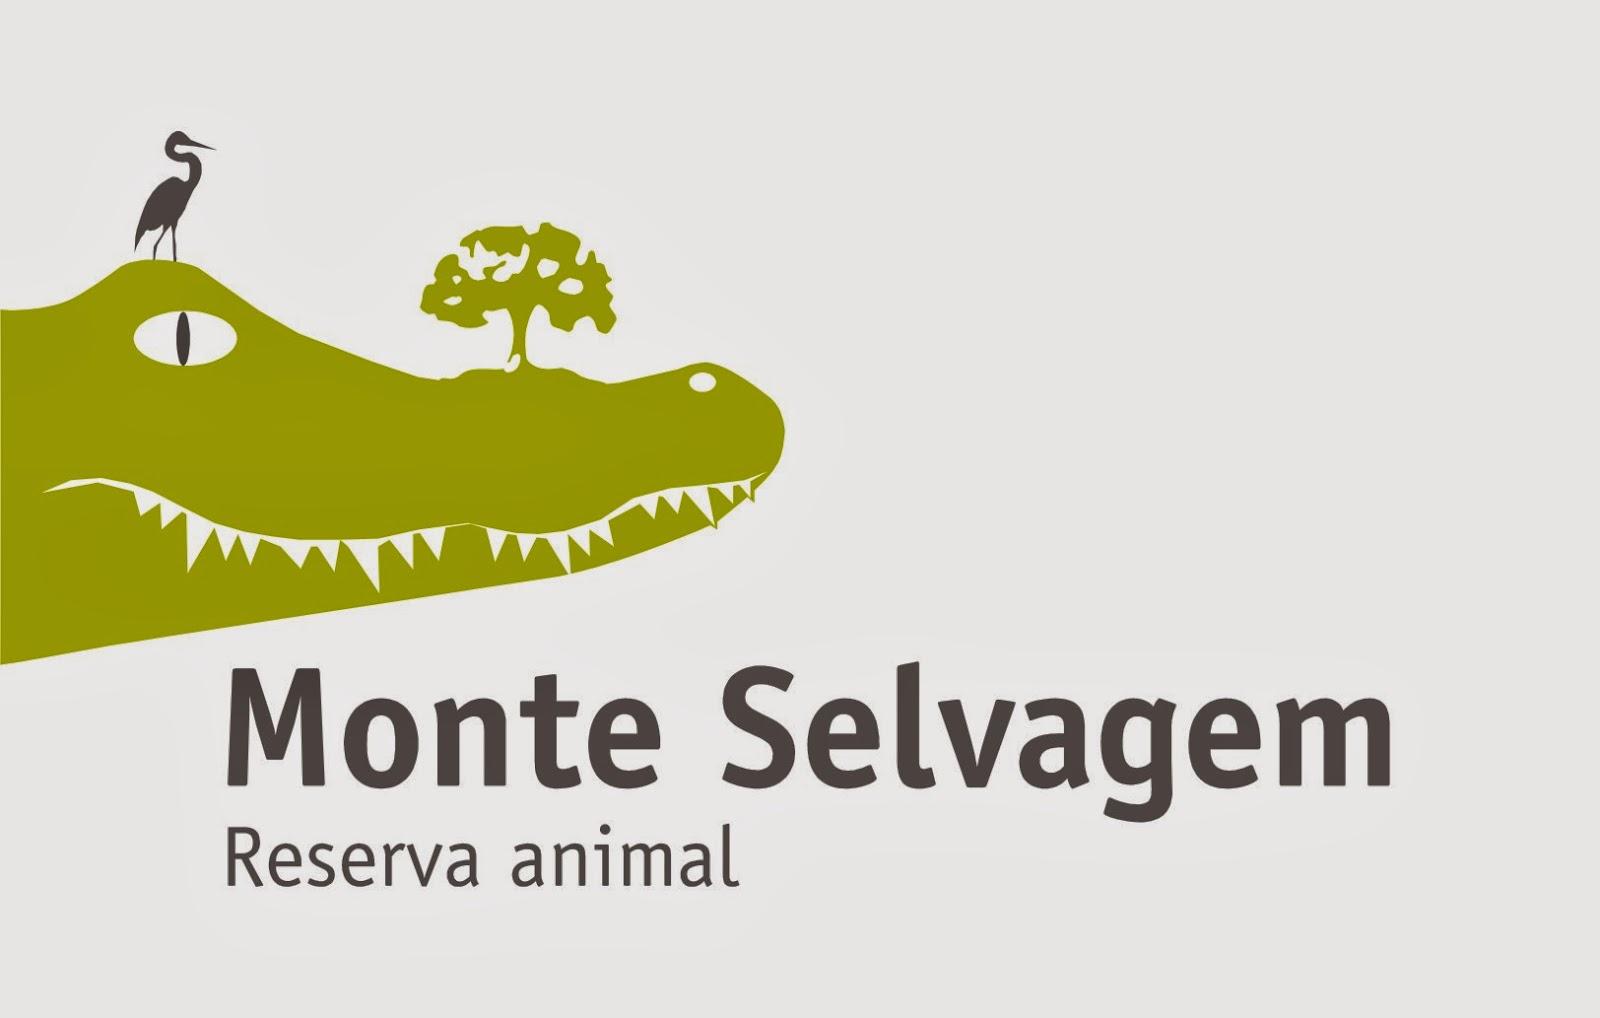 http://www.monteselvagem.pt/